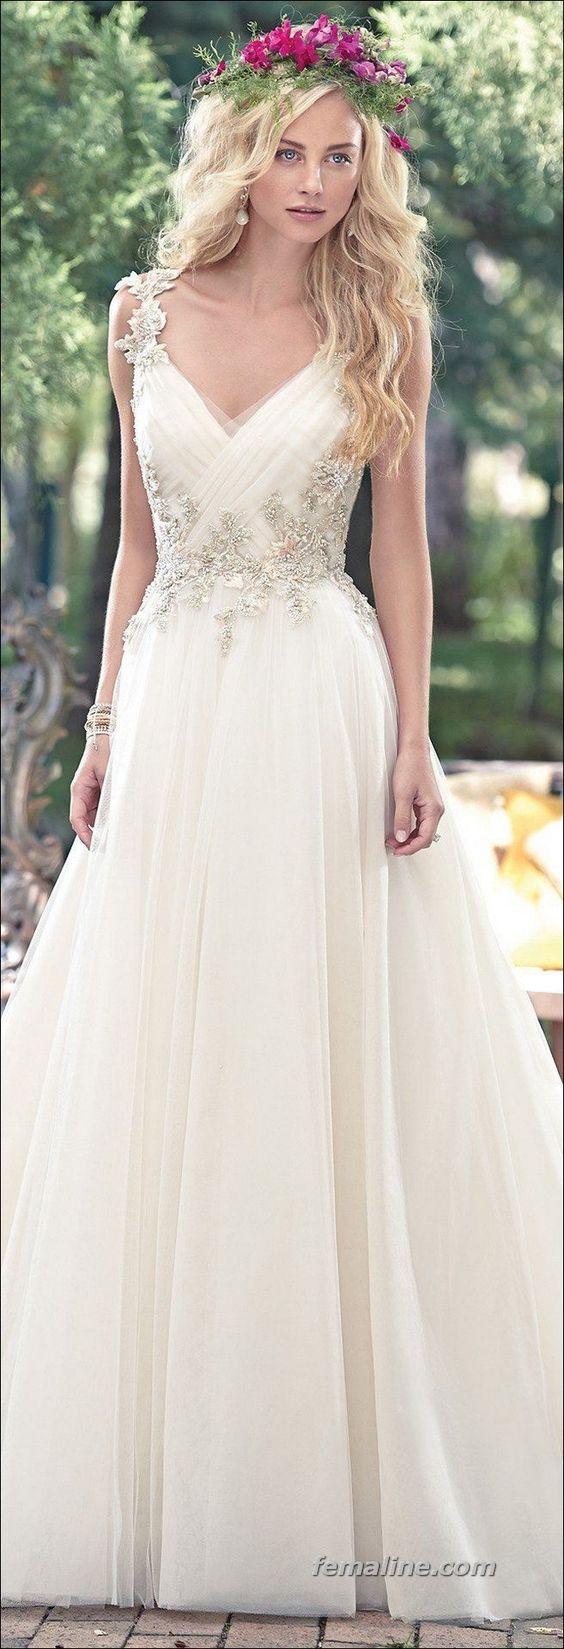 Khloe kardashian wedding dress  Nuray nrybzbyr on Pinterest